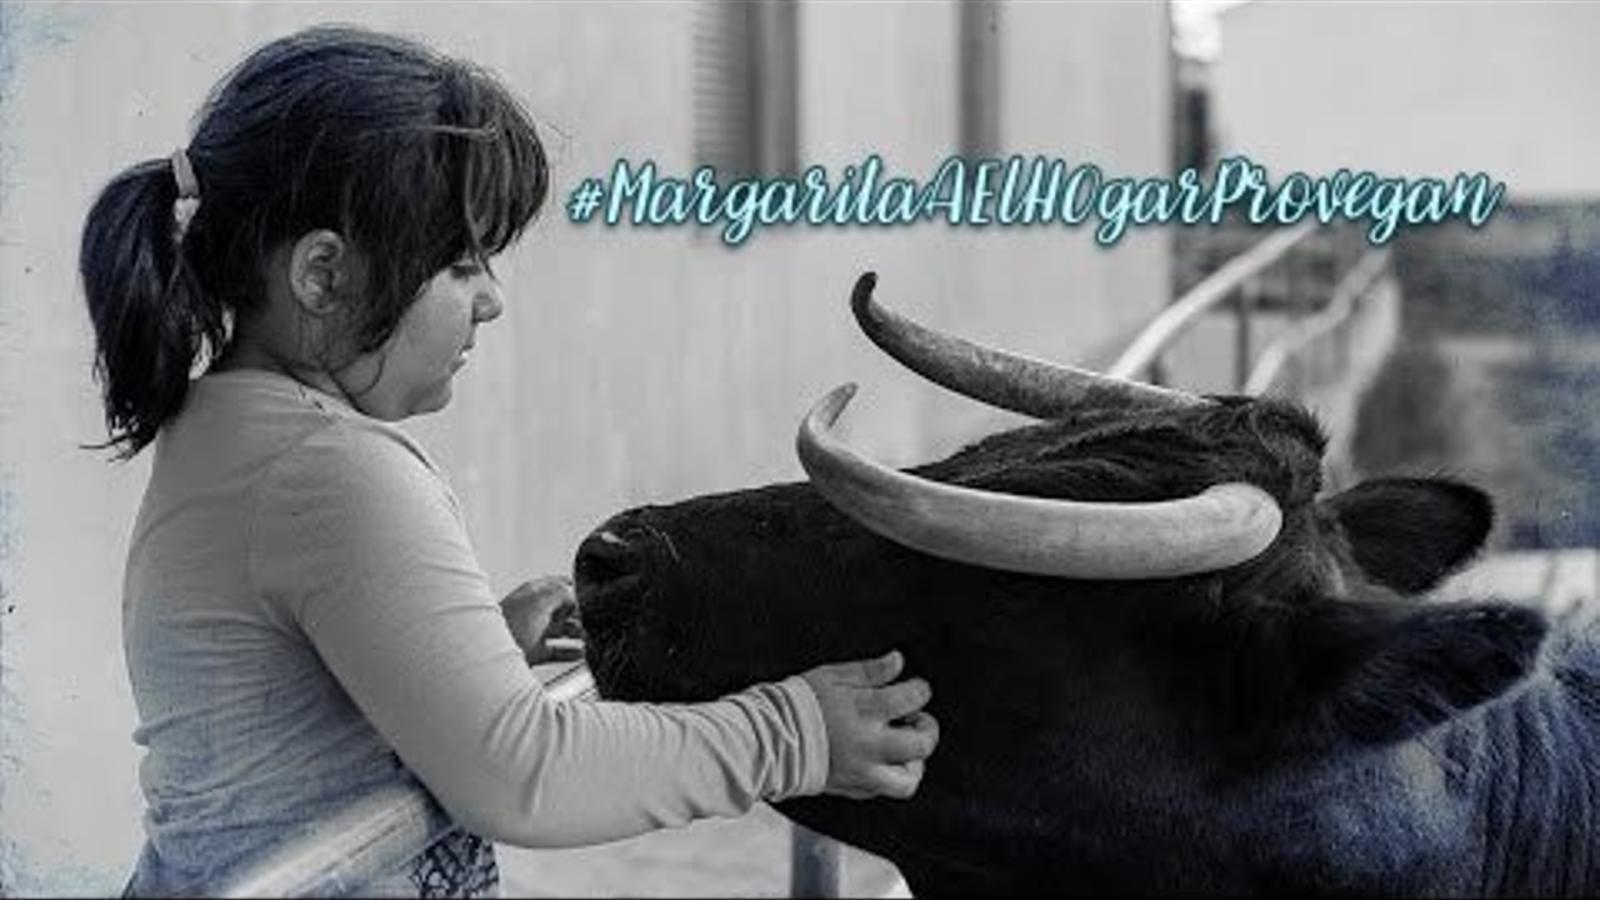 Més de 160.000 firmes per salvar la vaca Margarita